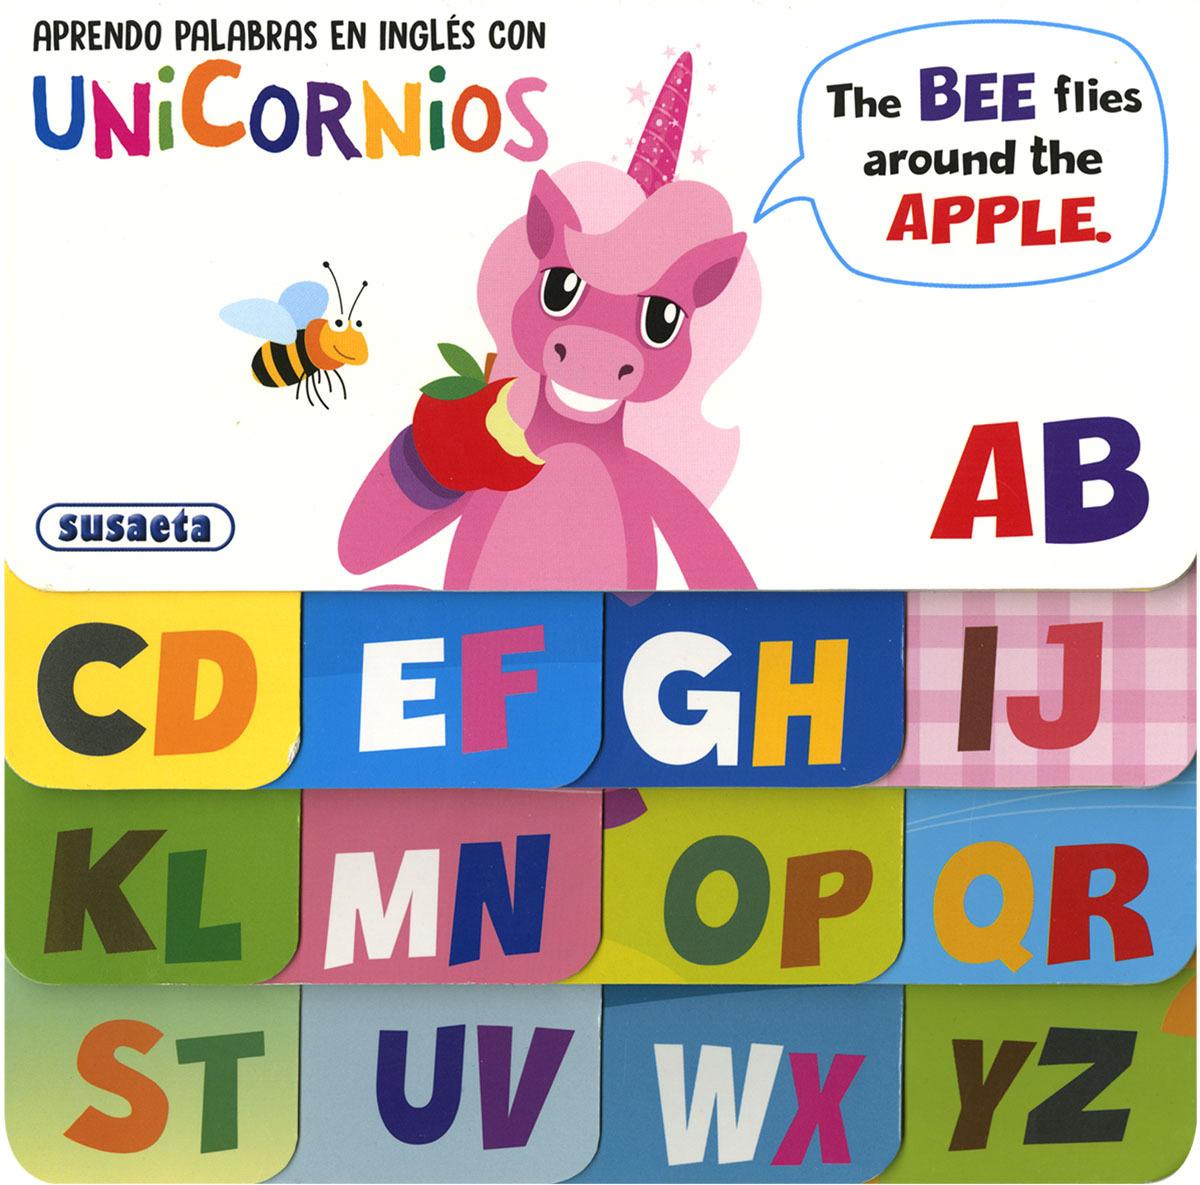 Aprendo palabras en inglés con unicornios